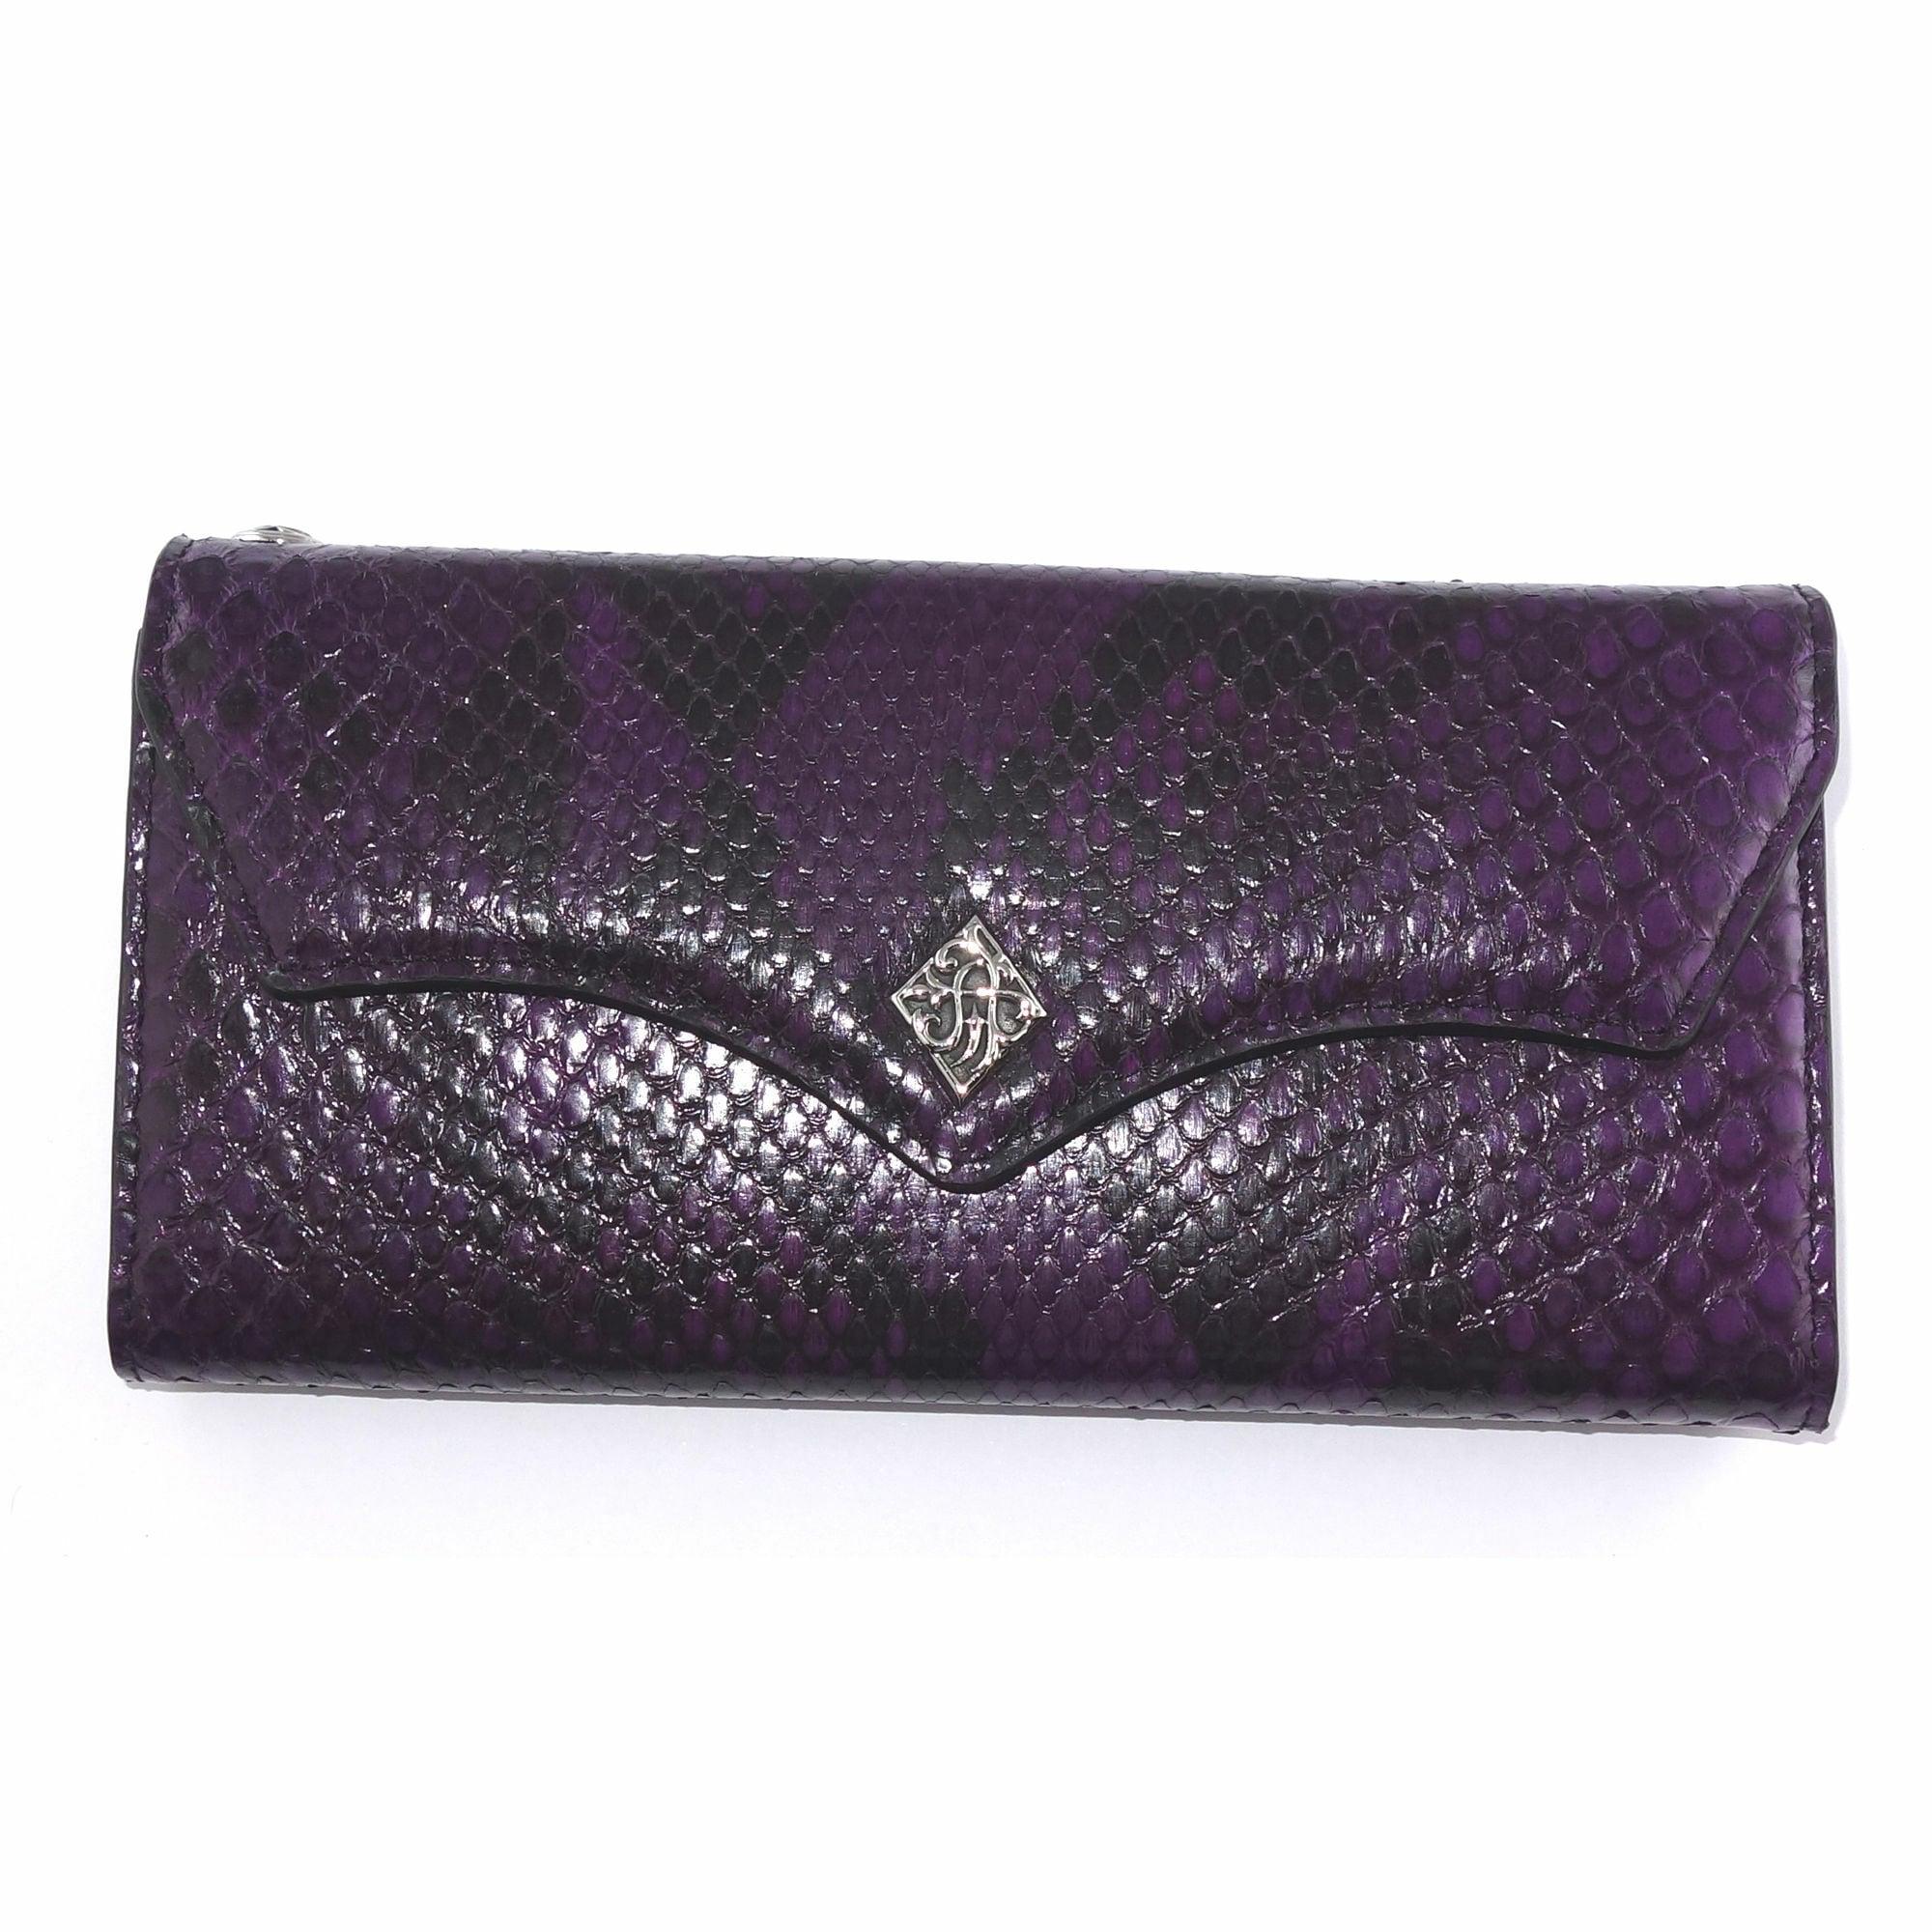 パープルパイソンロングウォレット ACW0008 Purple python long wallet